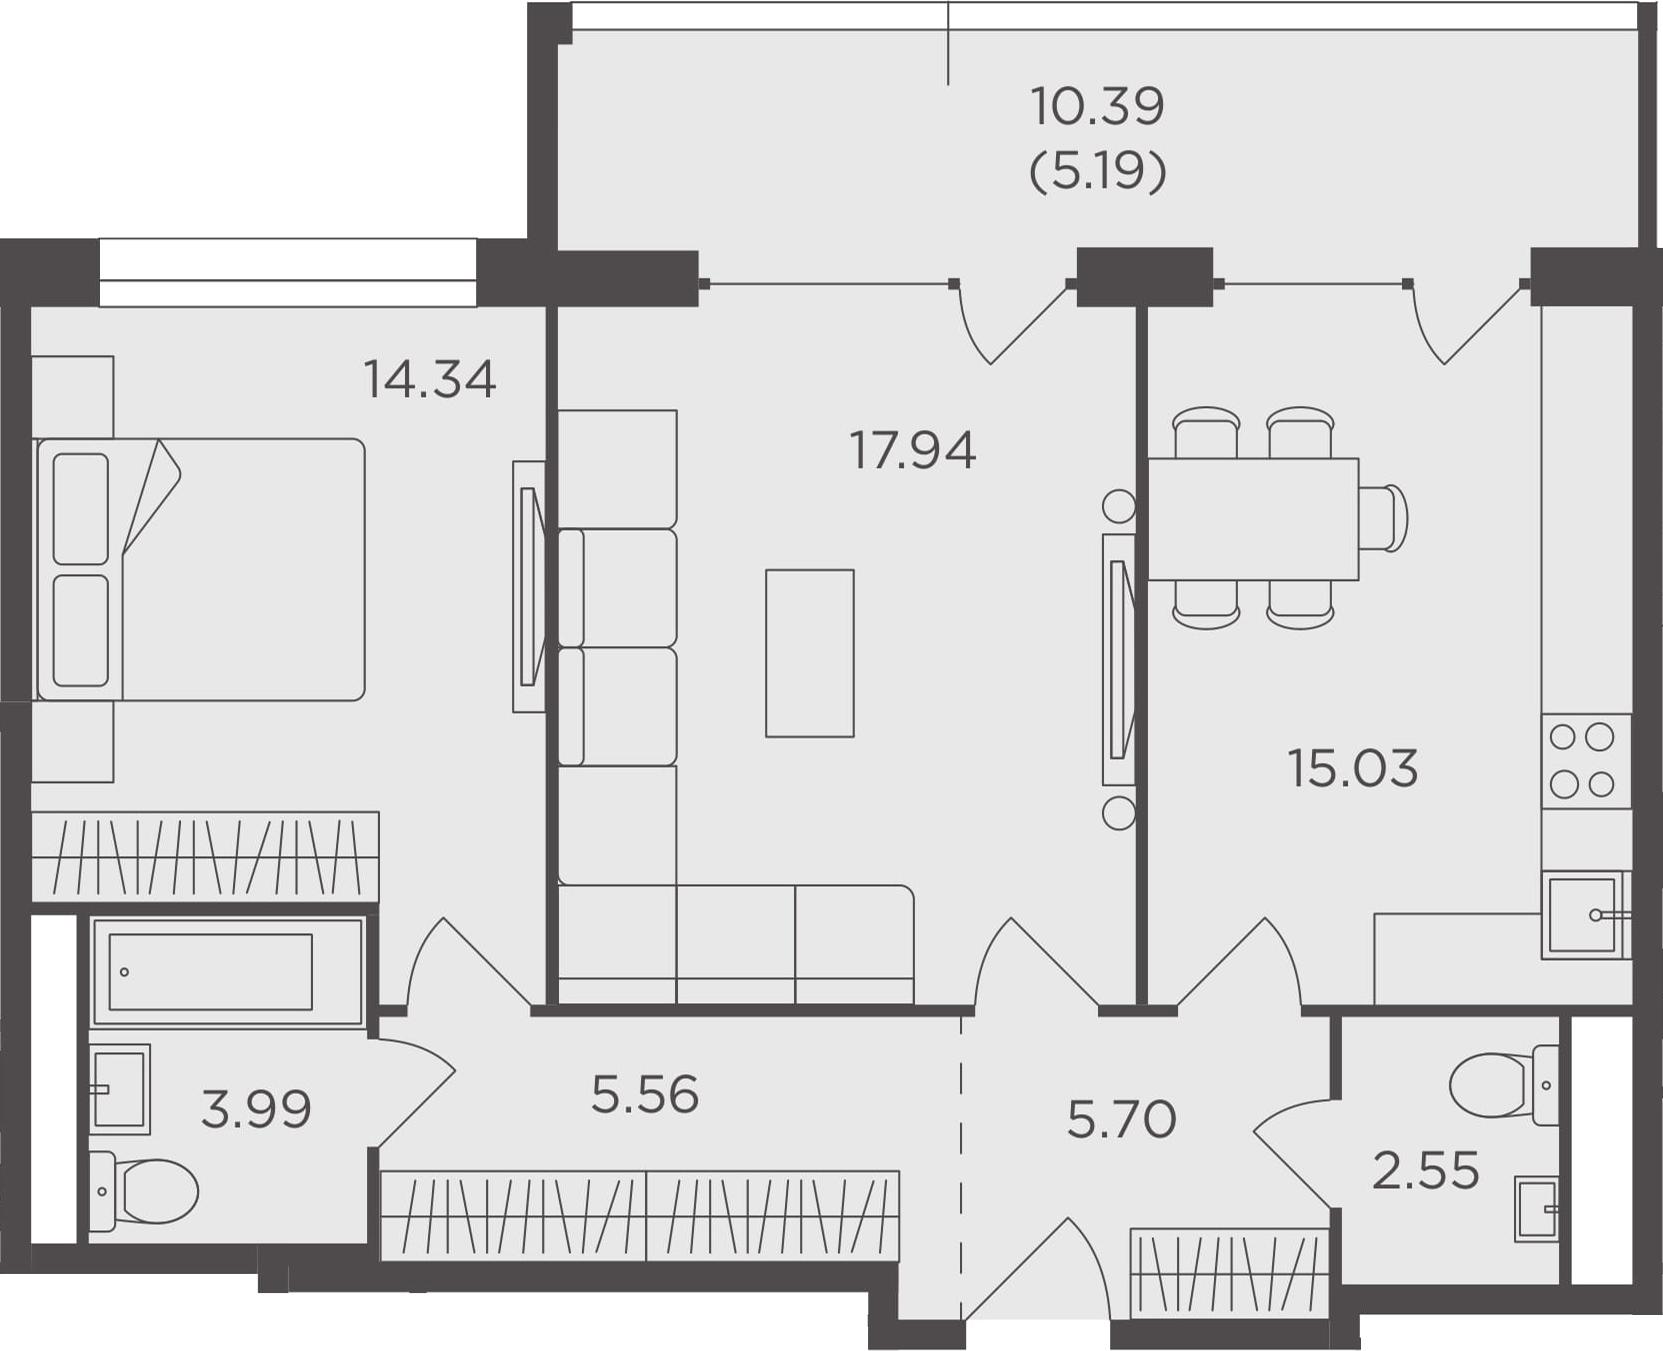 2-к.кв, 70.3 м², 10 этаж